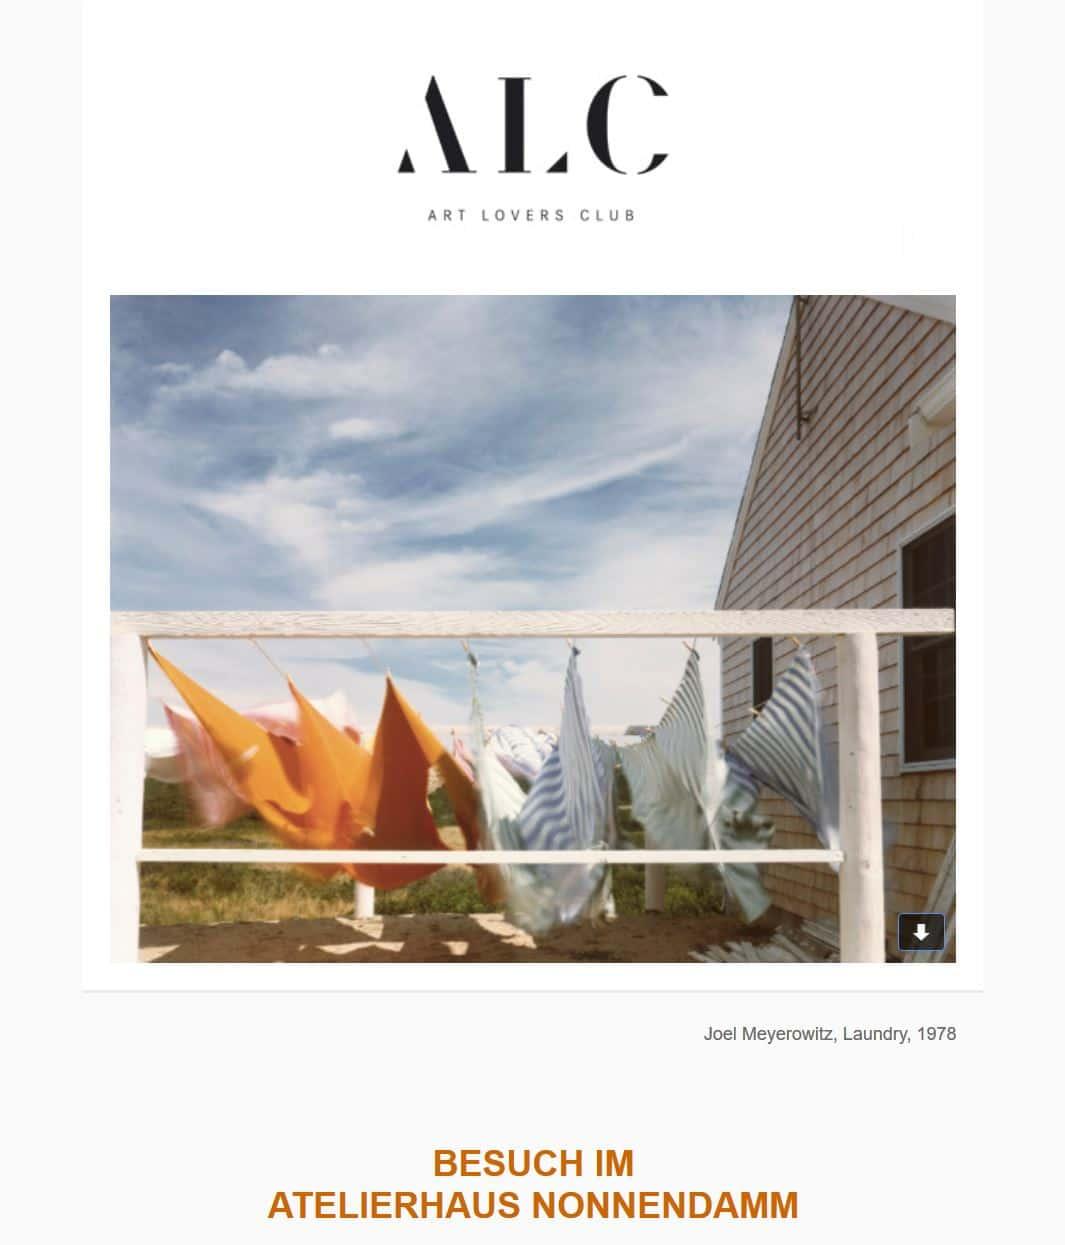 ALC Einladung Besuch im Atelierhaus Nonnendamm| Caroline Weihrauch| Dienstag, den 29.Mai 18.00